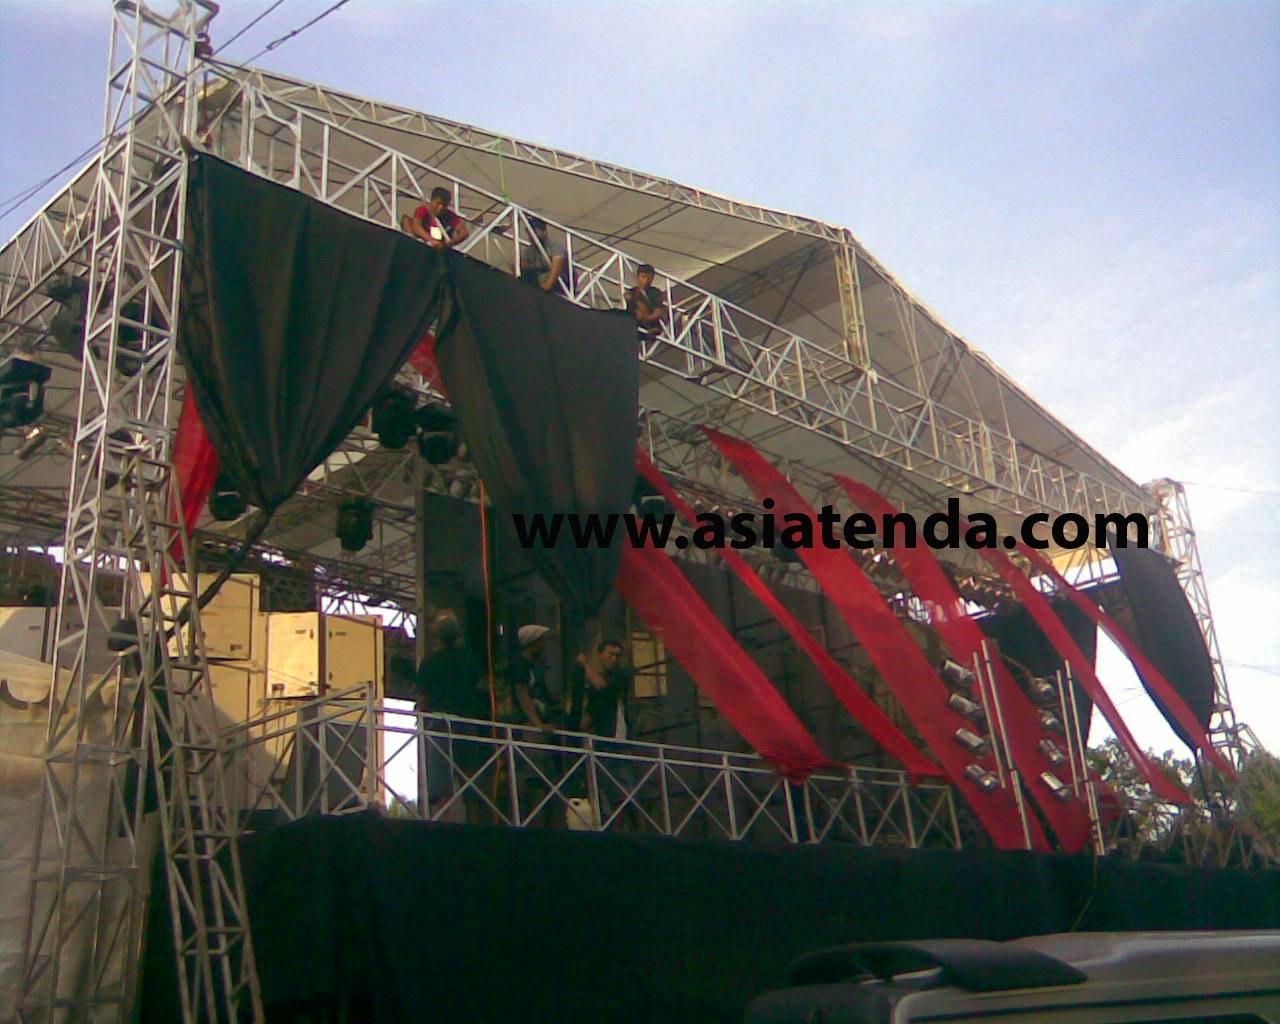 tenda rigging II amp